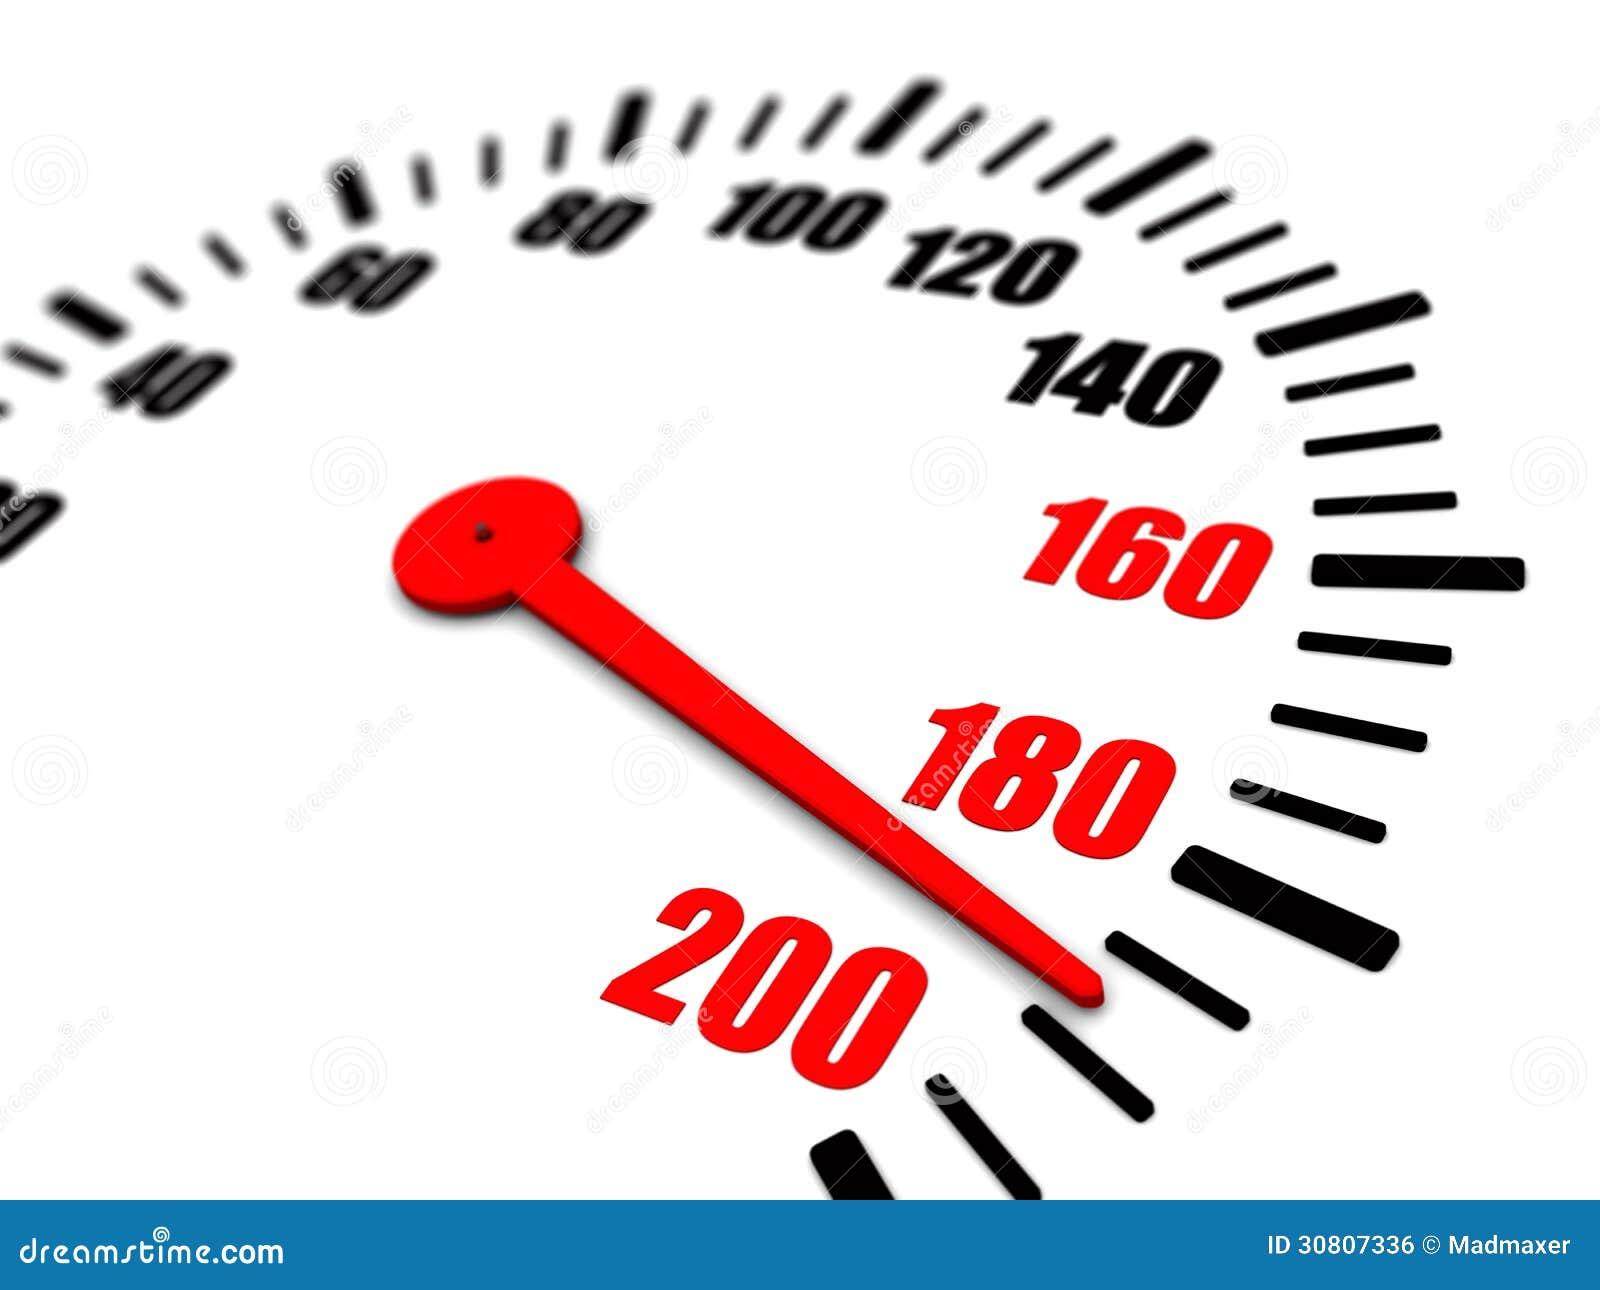 Speedometers Designs Logos